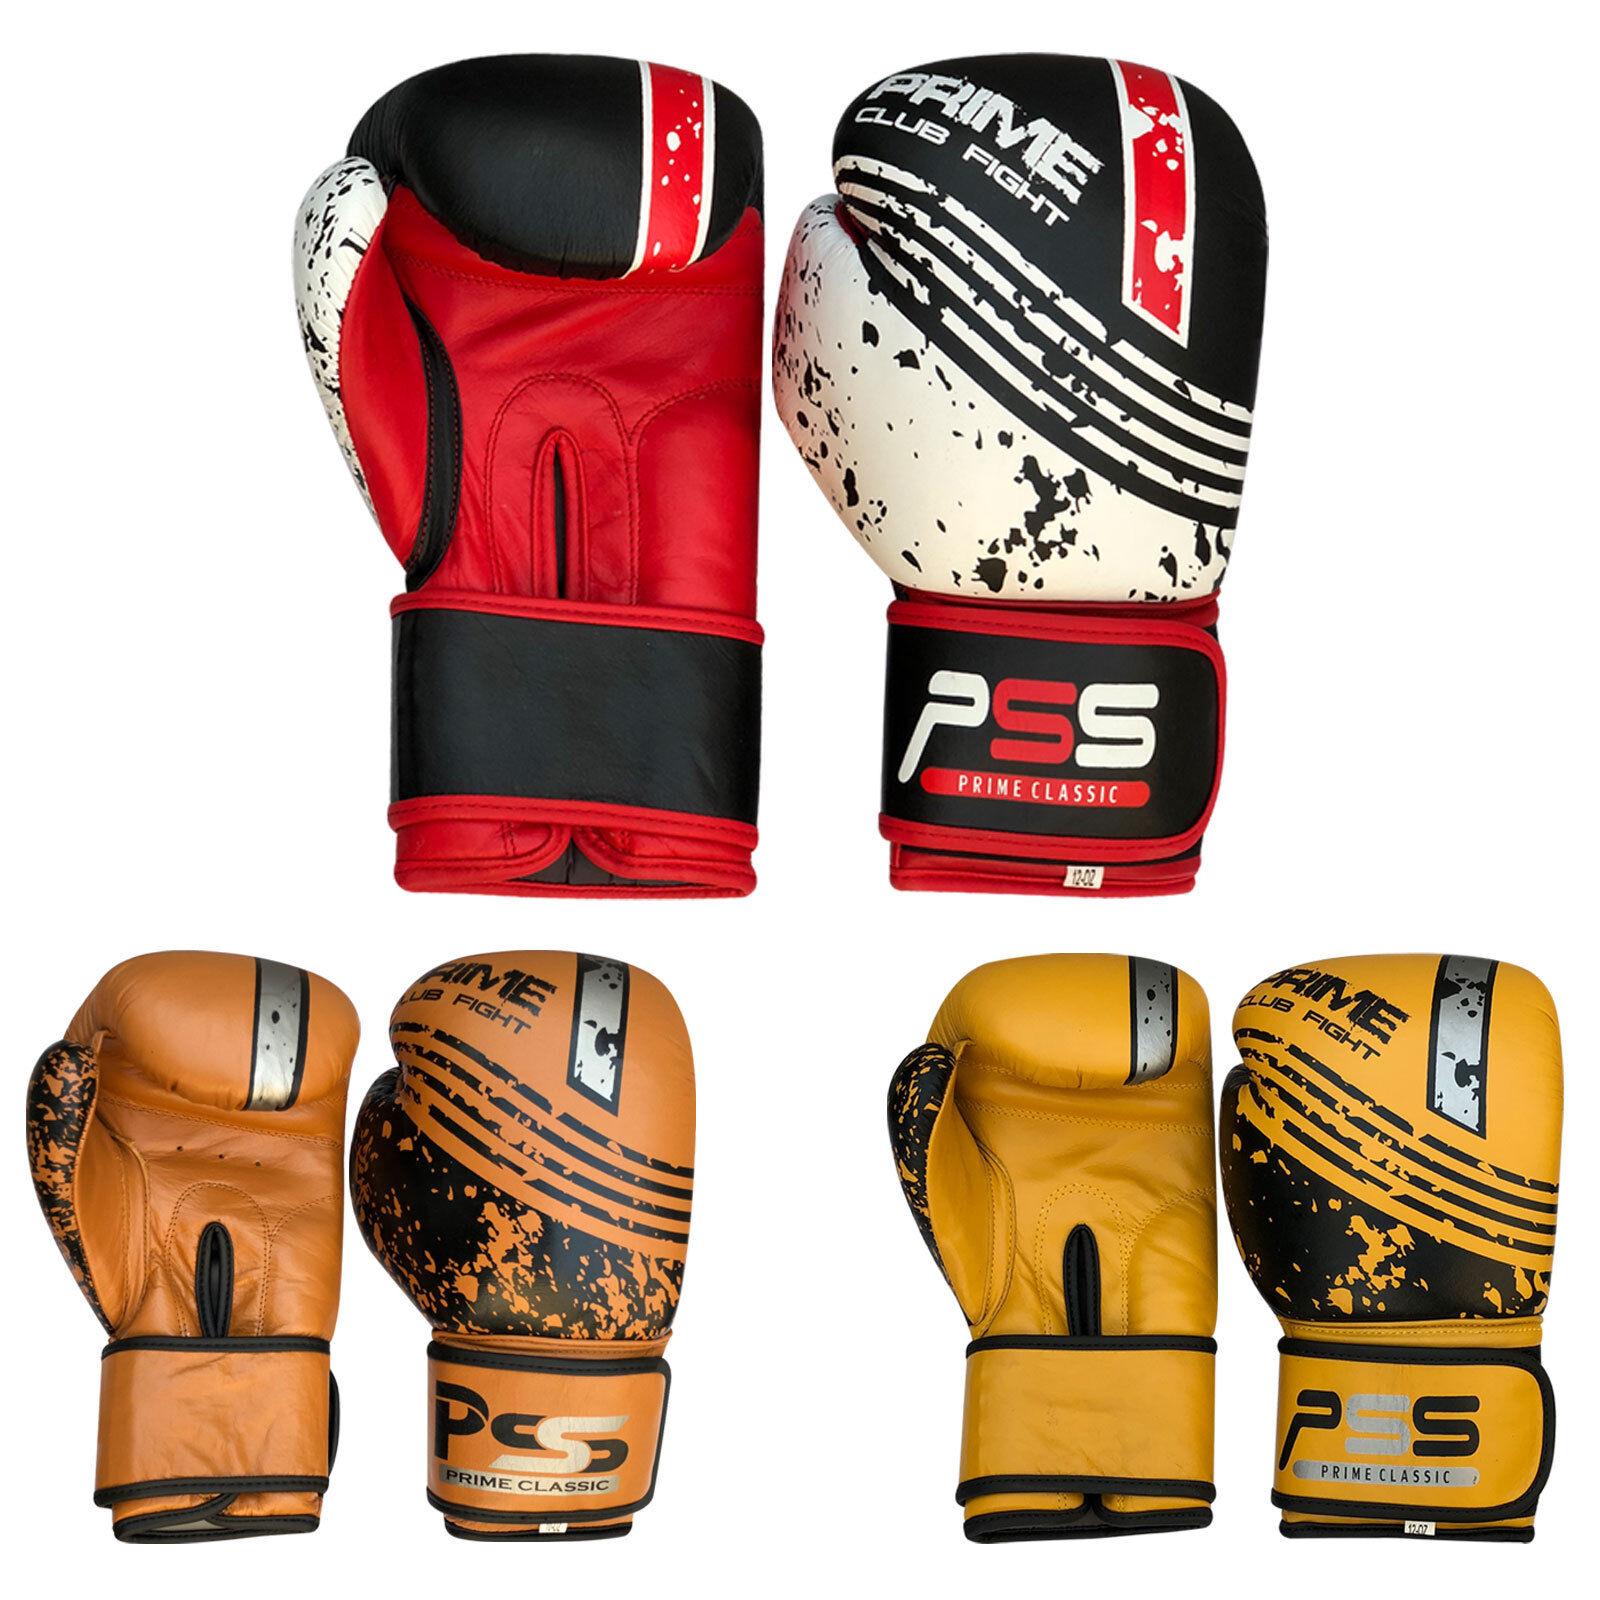 cuir Gants de boxe MMA Muay COMBAT COUP COUP COUP PIED Frappe d'entraînement 1051-1053 284627